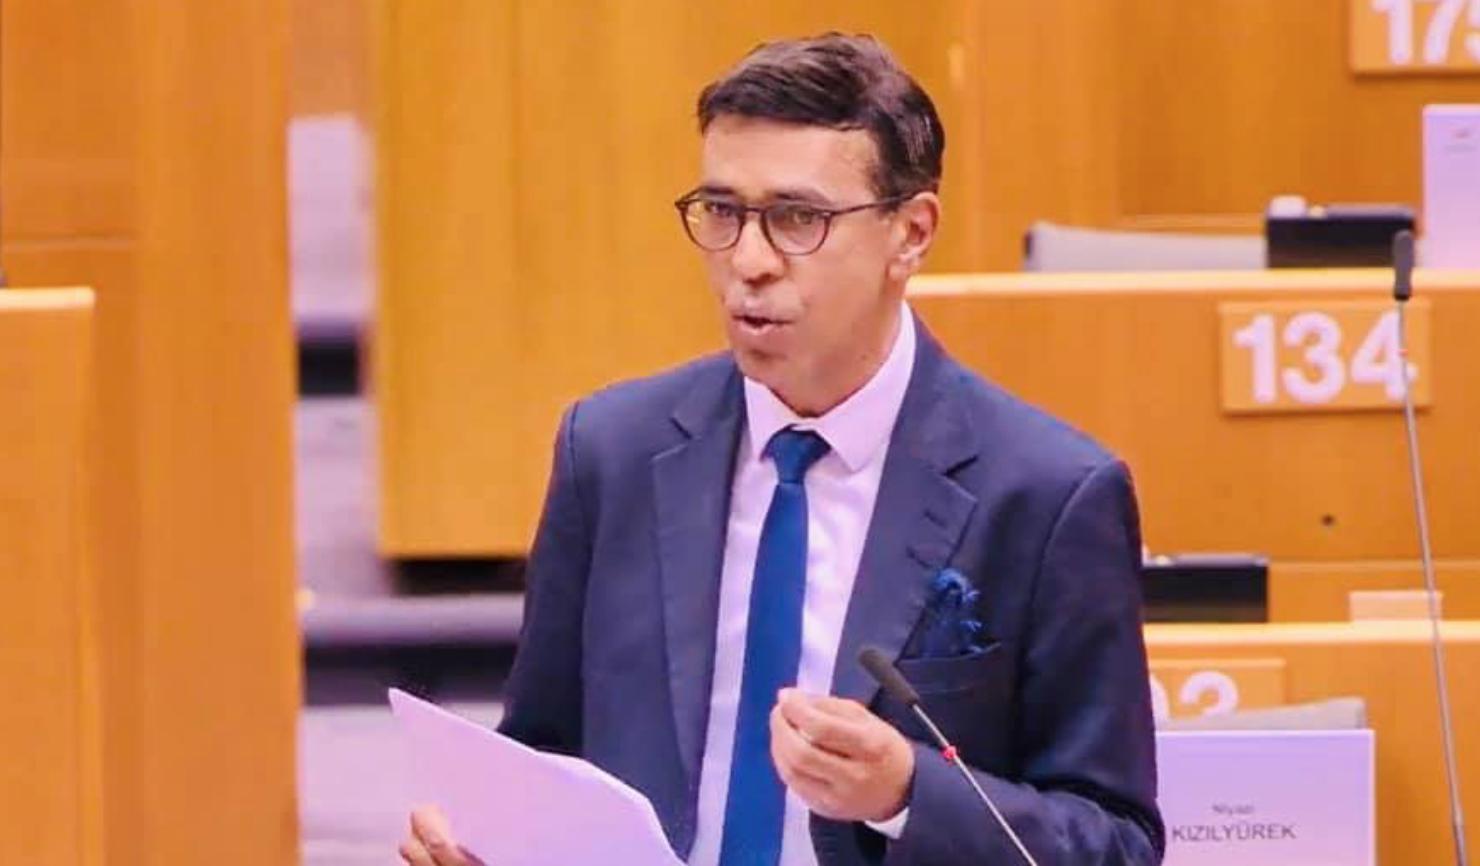 Réforme de la PAC : le député européen Younous Omarjee inquiet pour les agriculteurs des Outre-mer